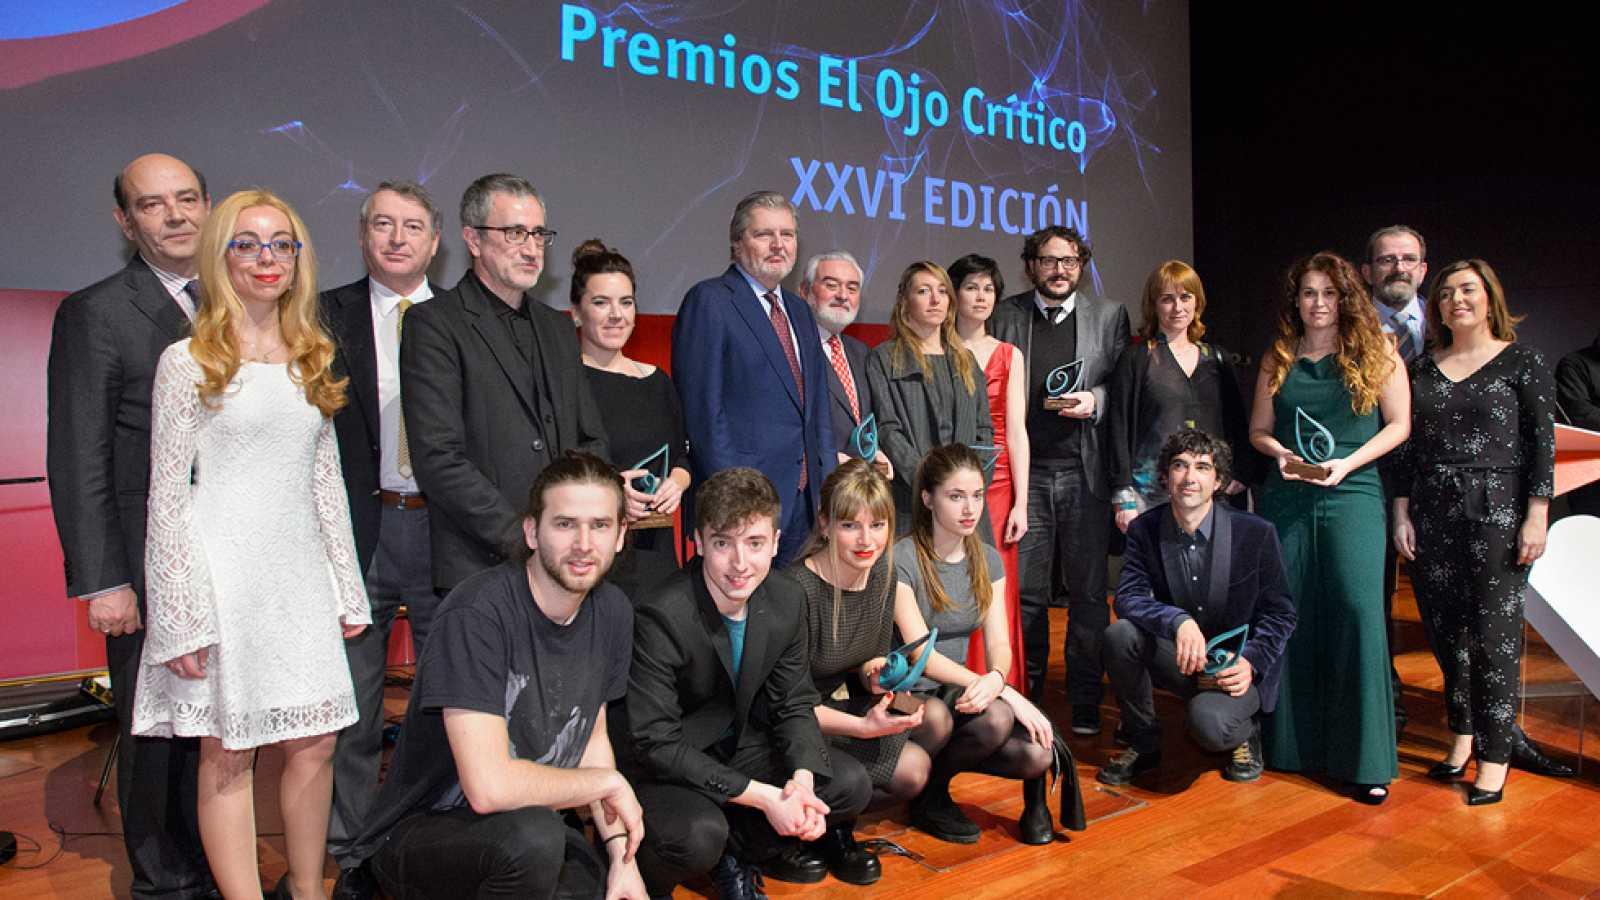 RNE entrega los Premios El Ojo Crítico 2015, que homenajean la trayectoria del director de la RAE, Darío Villanueva - Ver ahora